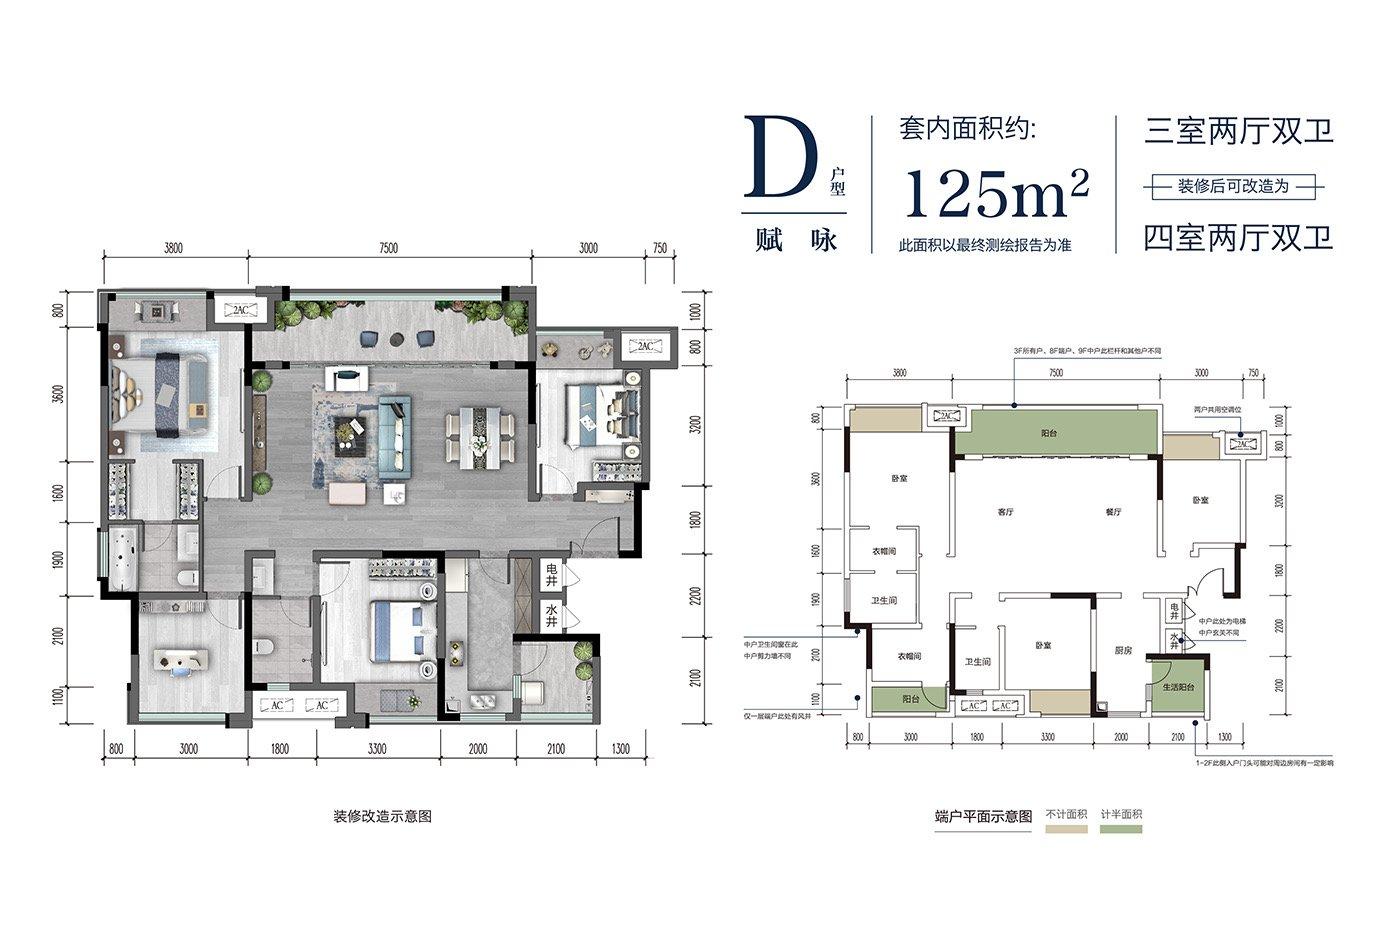 沙坪坝区西永美的金科郡新房D户型户型图